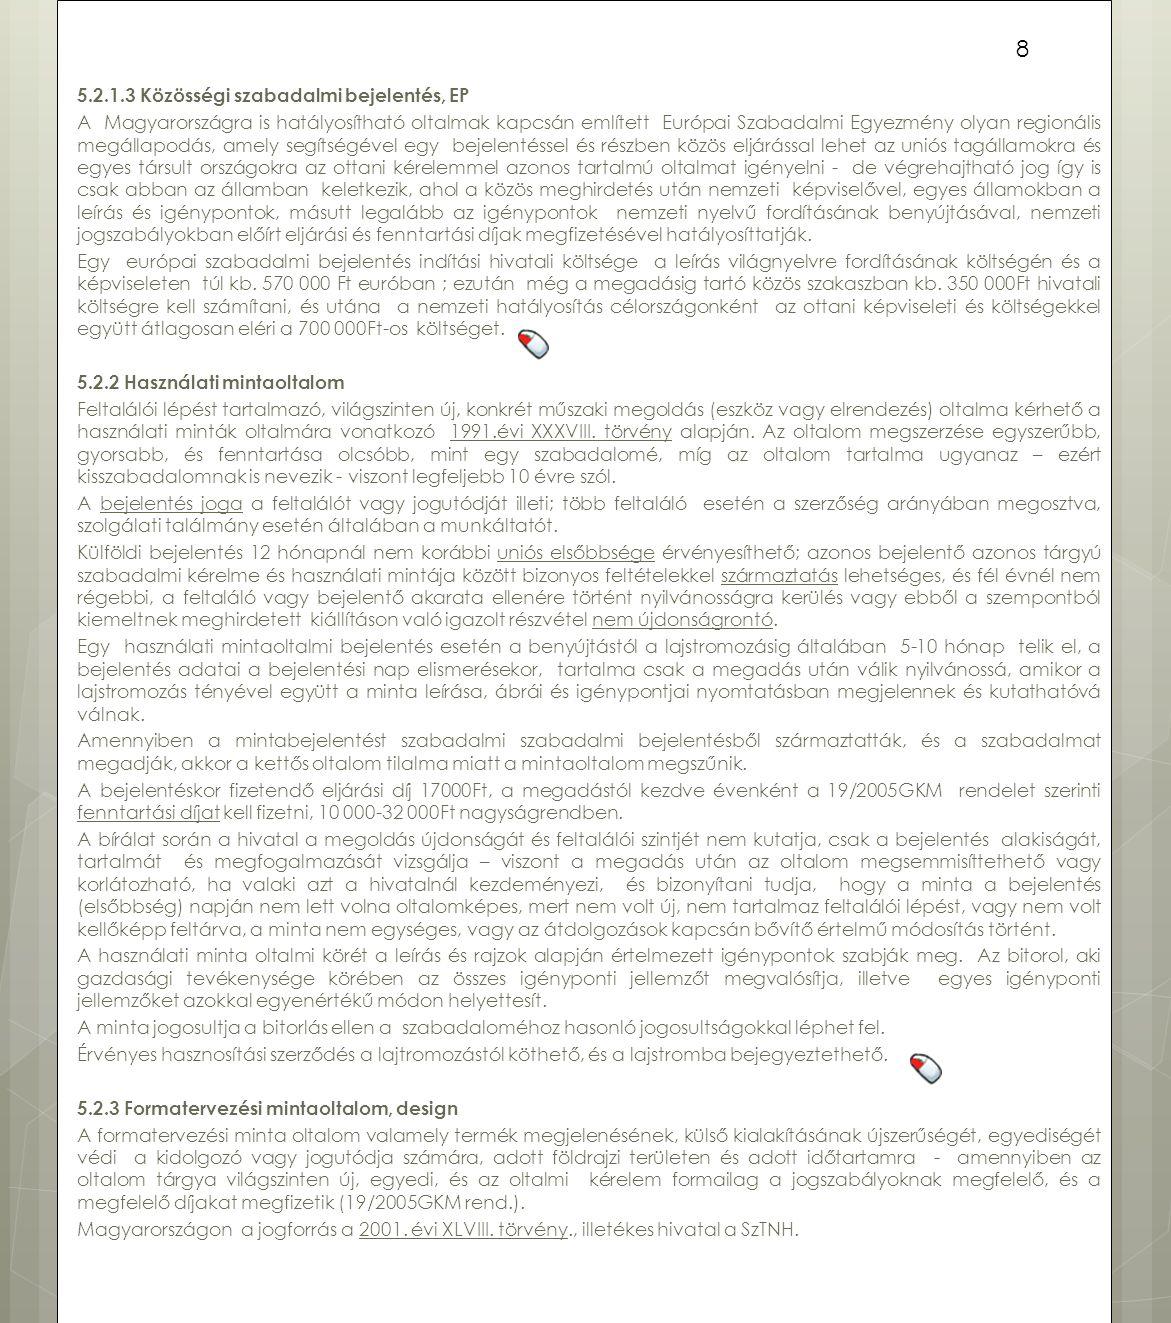 5.2.1.3 Közösségi szabadalmi bejelentés, EP A Magyarországra is hatályosítható oltalmak kapcsán említett Európai Szabadalmi Egyezmény olyan regionális megállapodás, amely segítségével egy bejelentéssel és részben közös eljárással lehet az uniós tagállamokra és egyes társult országokra az ottani kérelemmel azonos tartalmú oltalmat igényelni - de végrehajtható jog így is csak abban az államban keletkezik, ahol a közös meghirdetés után nemzeti képviselővel, egyes államokban a leírás és igénypontok, másutt legalább az igénypontok nemzeti nyelvű fordításának benyújtásával, nemzeti jogszabályokban előírt eljárási és fenntartási díjak megfizetésével hatályosíttatják.